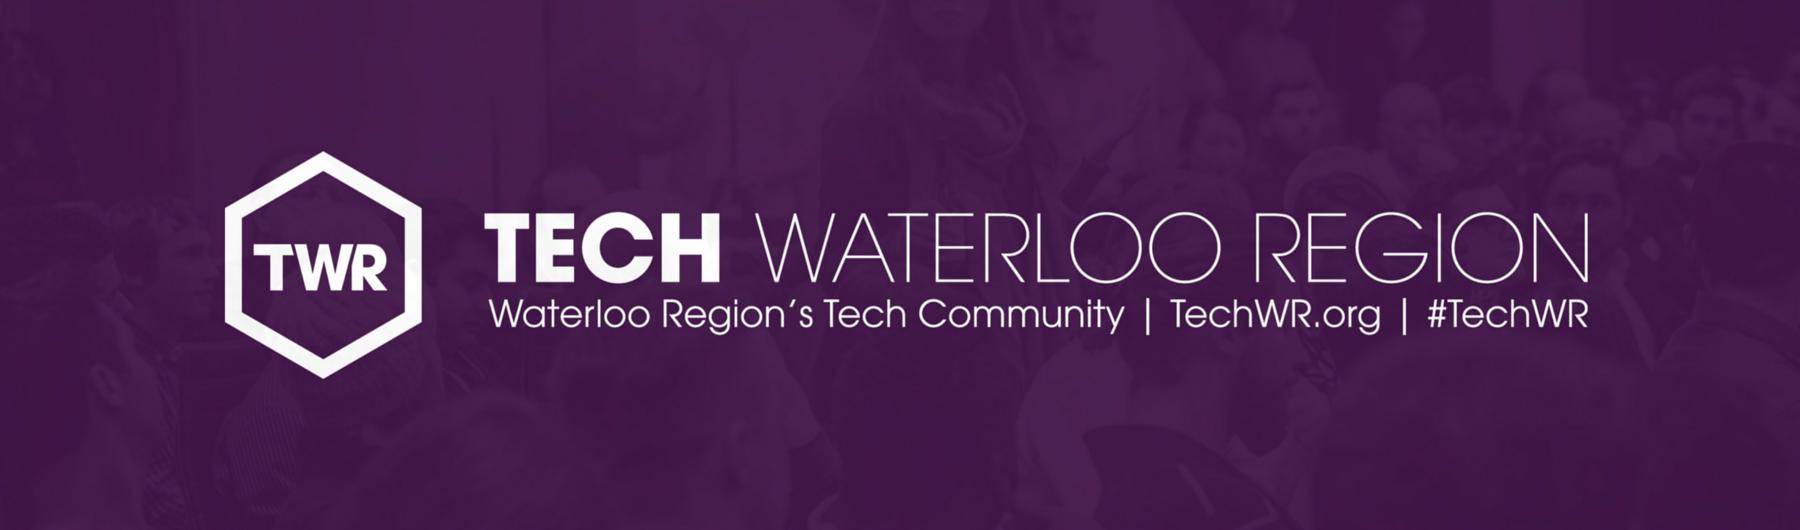 Tech Waterloo Region Meetup - August 15, 2016